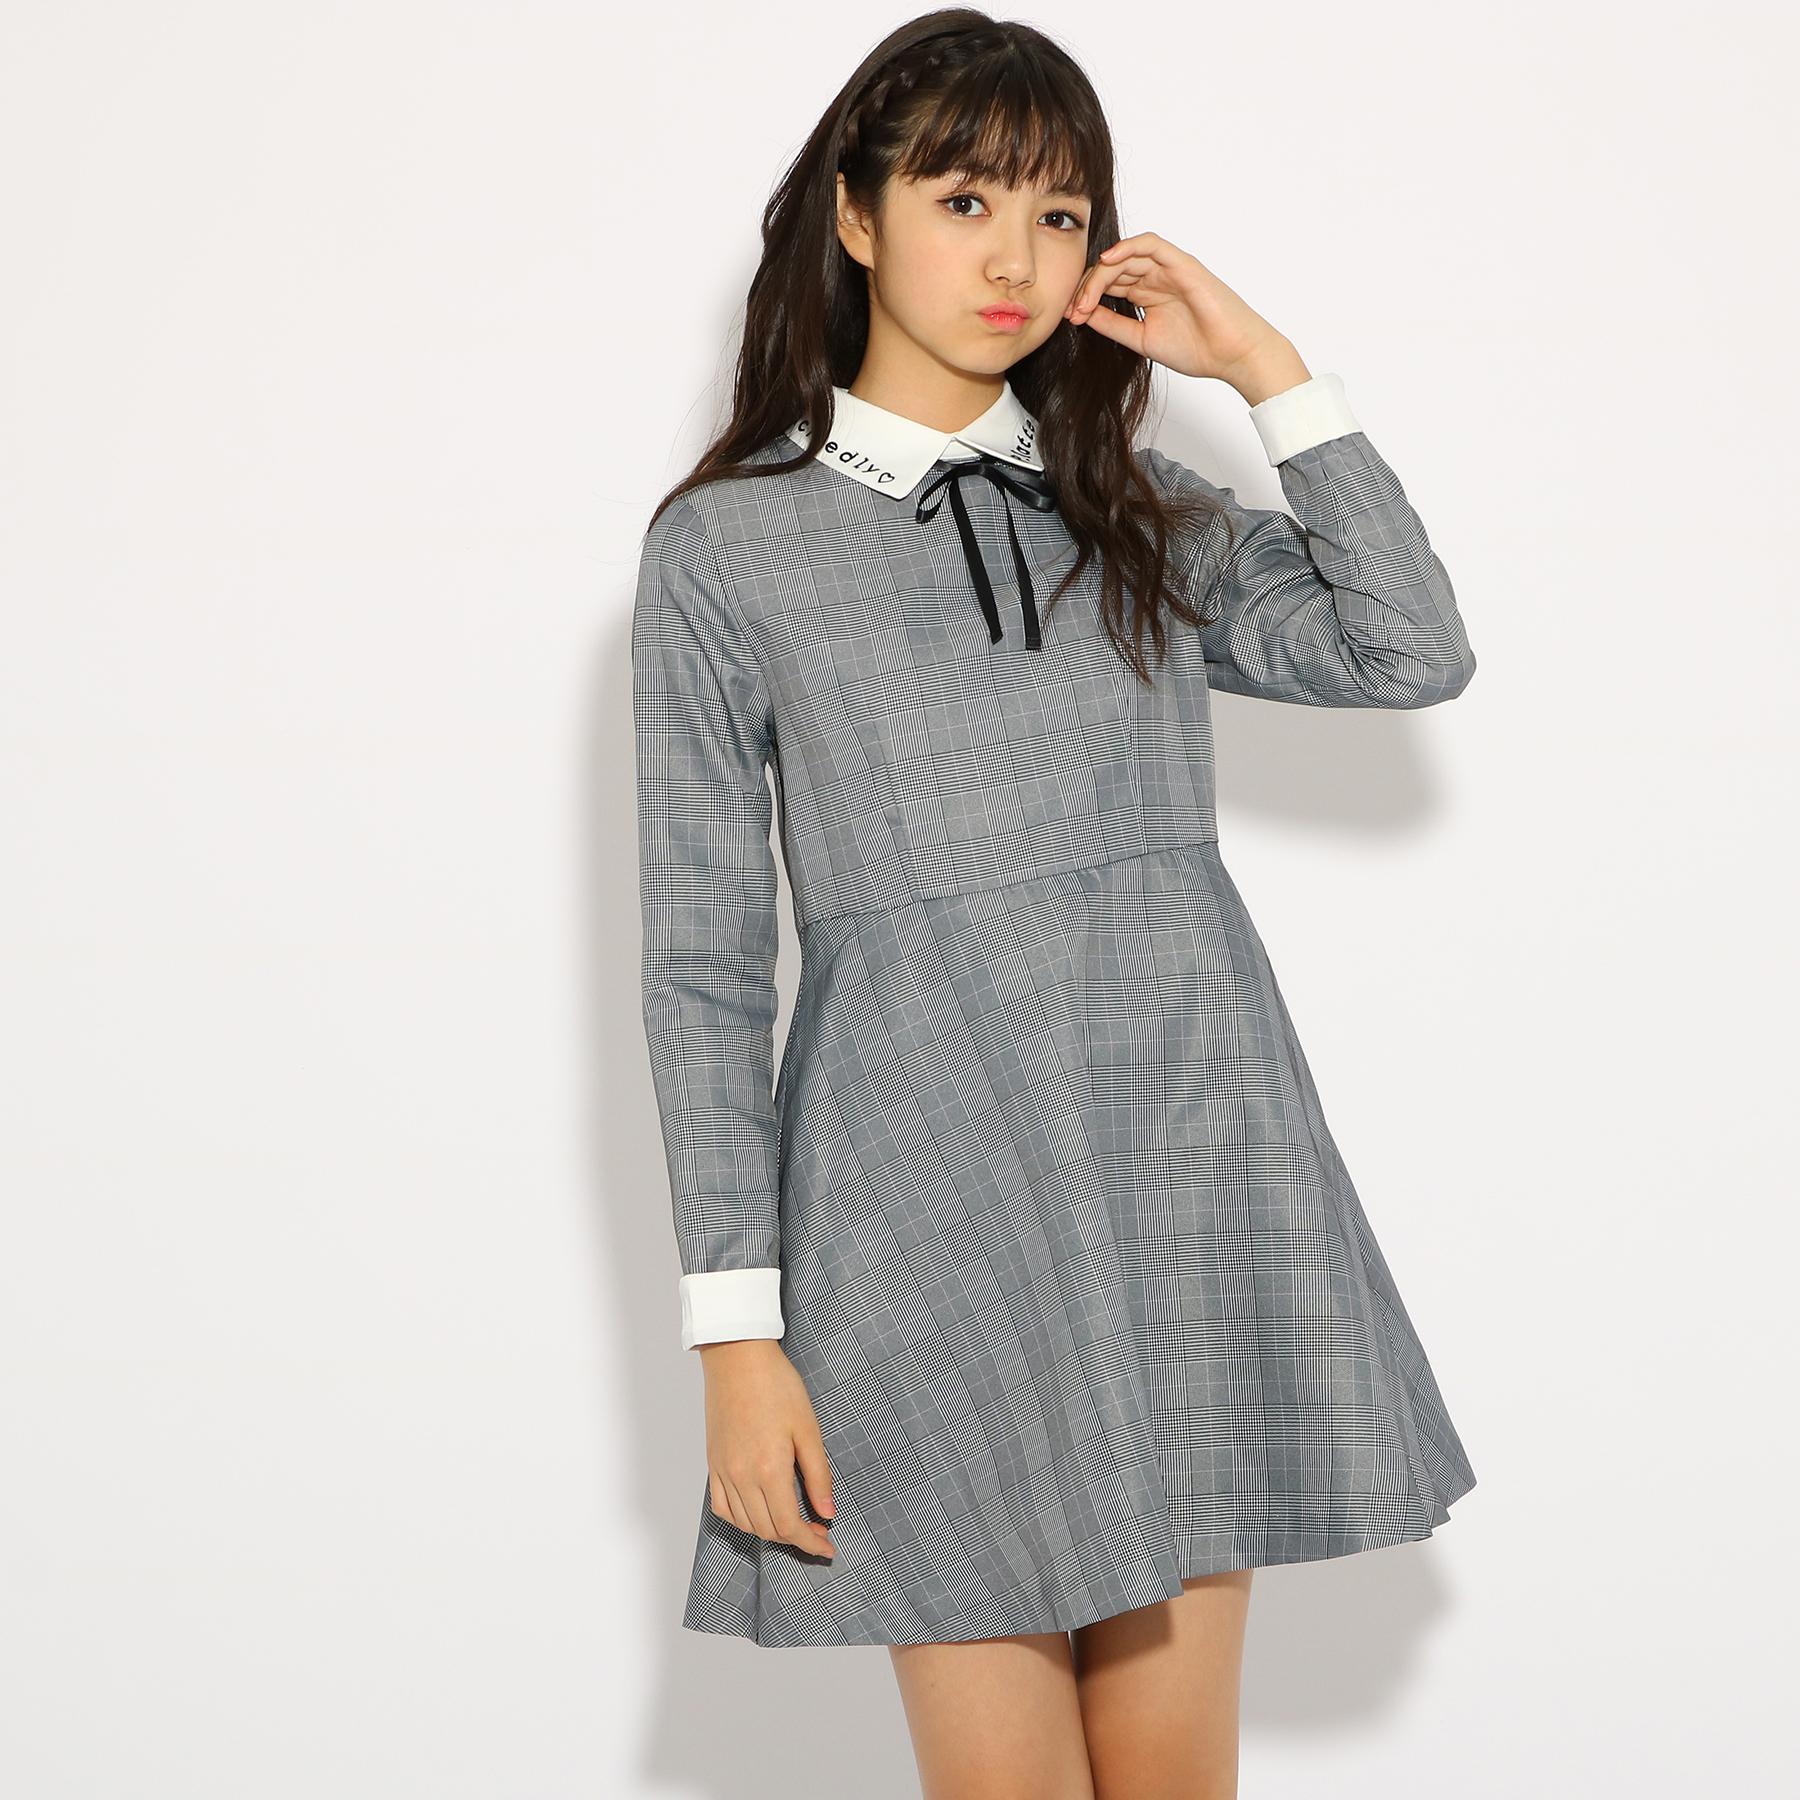 2855ffa3f274d PINK-latte (ピンク ラテ)  卒服 衿付き ワンピース ↑ジャケットは卒業式後に着ないから、いらないかな?…という方におすすめのワンピース スタイルです。ワンピース ...